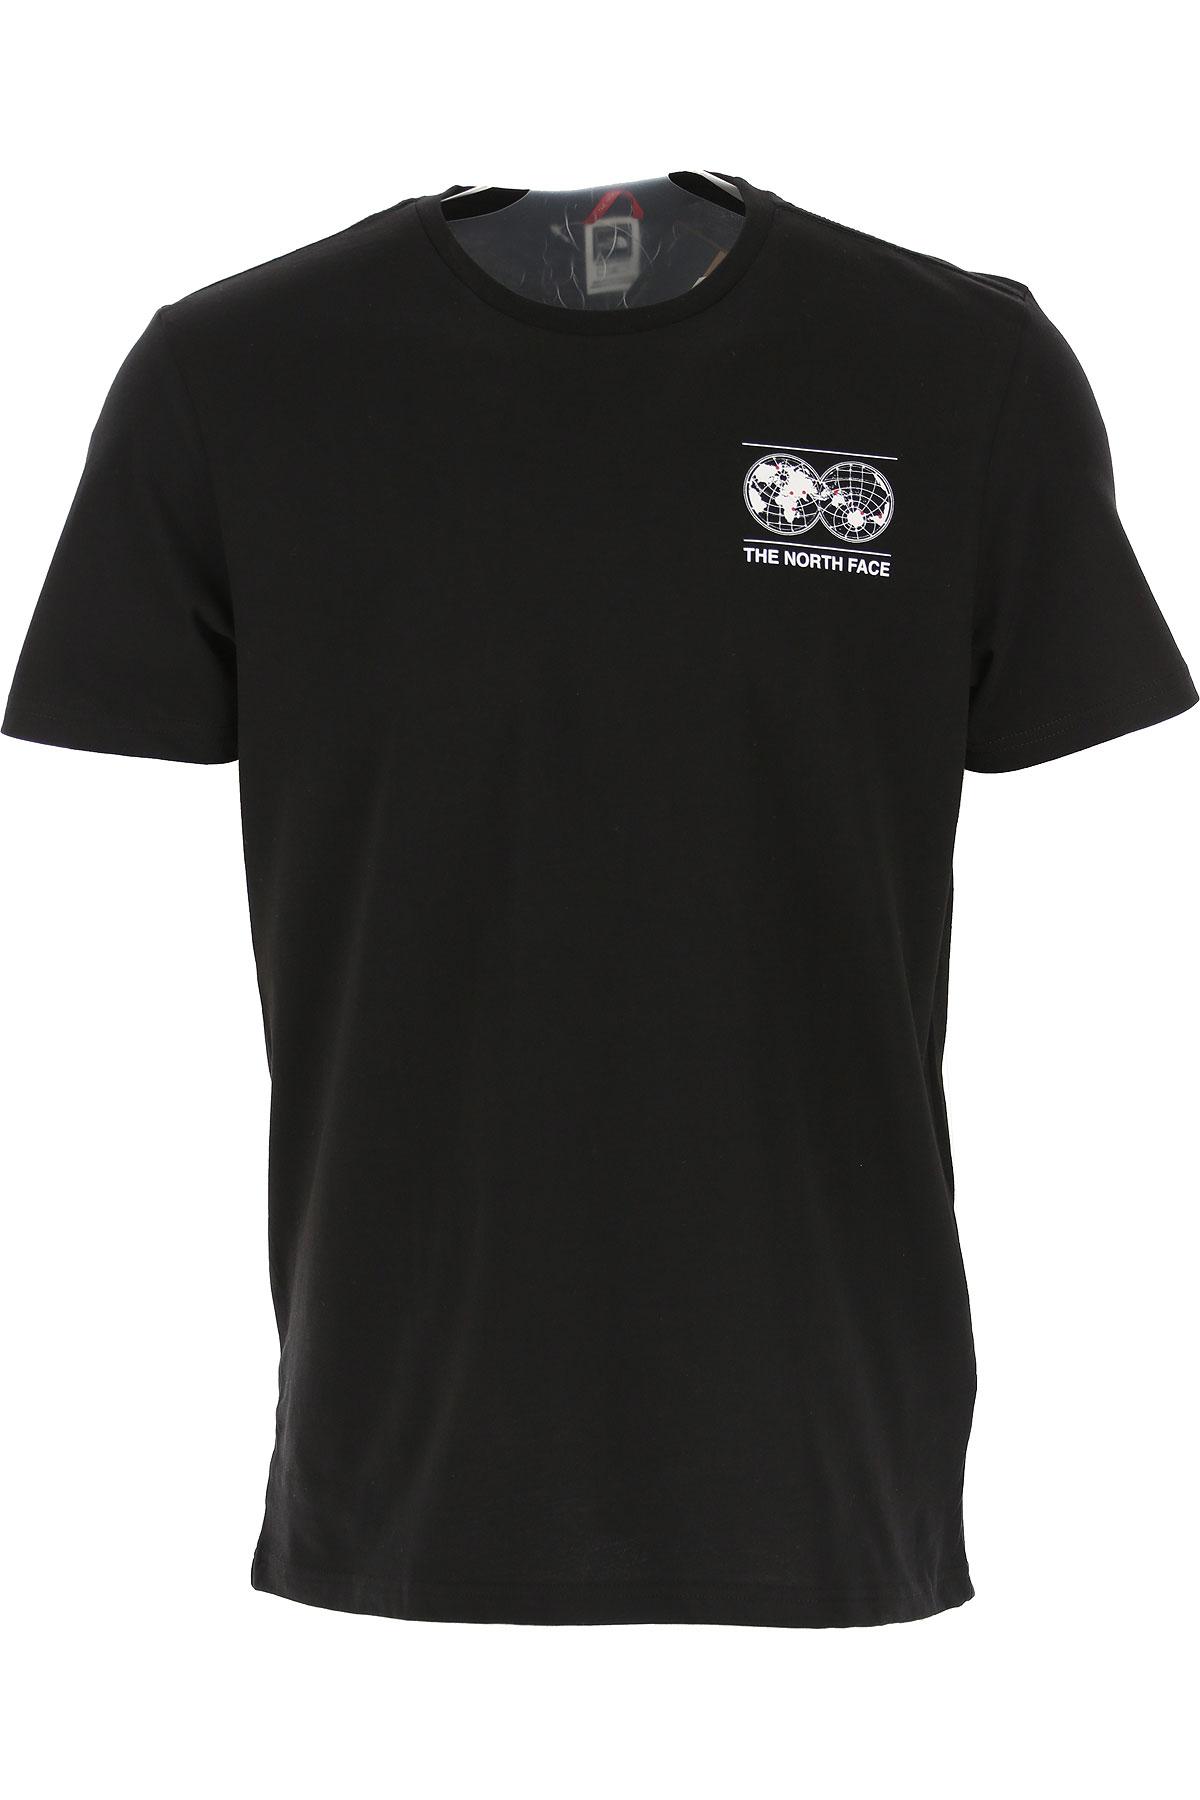 The North Face T-Shirt for Men On Sale, Black, Cotton, 2019, L M S XL